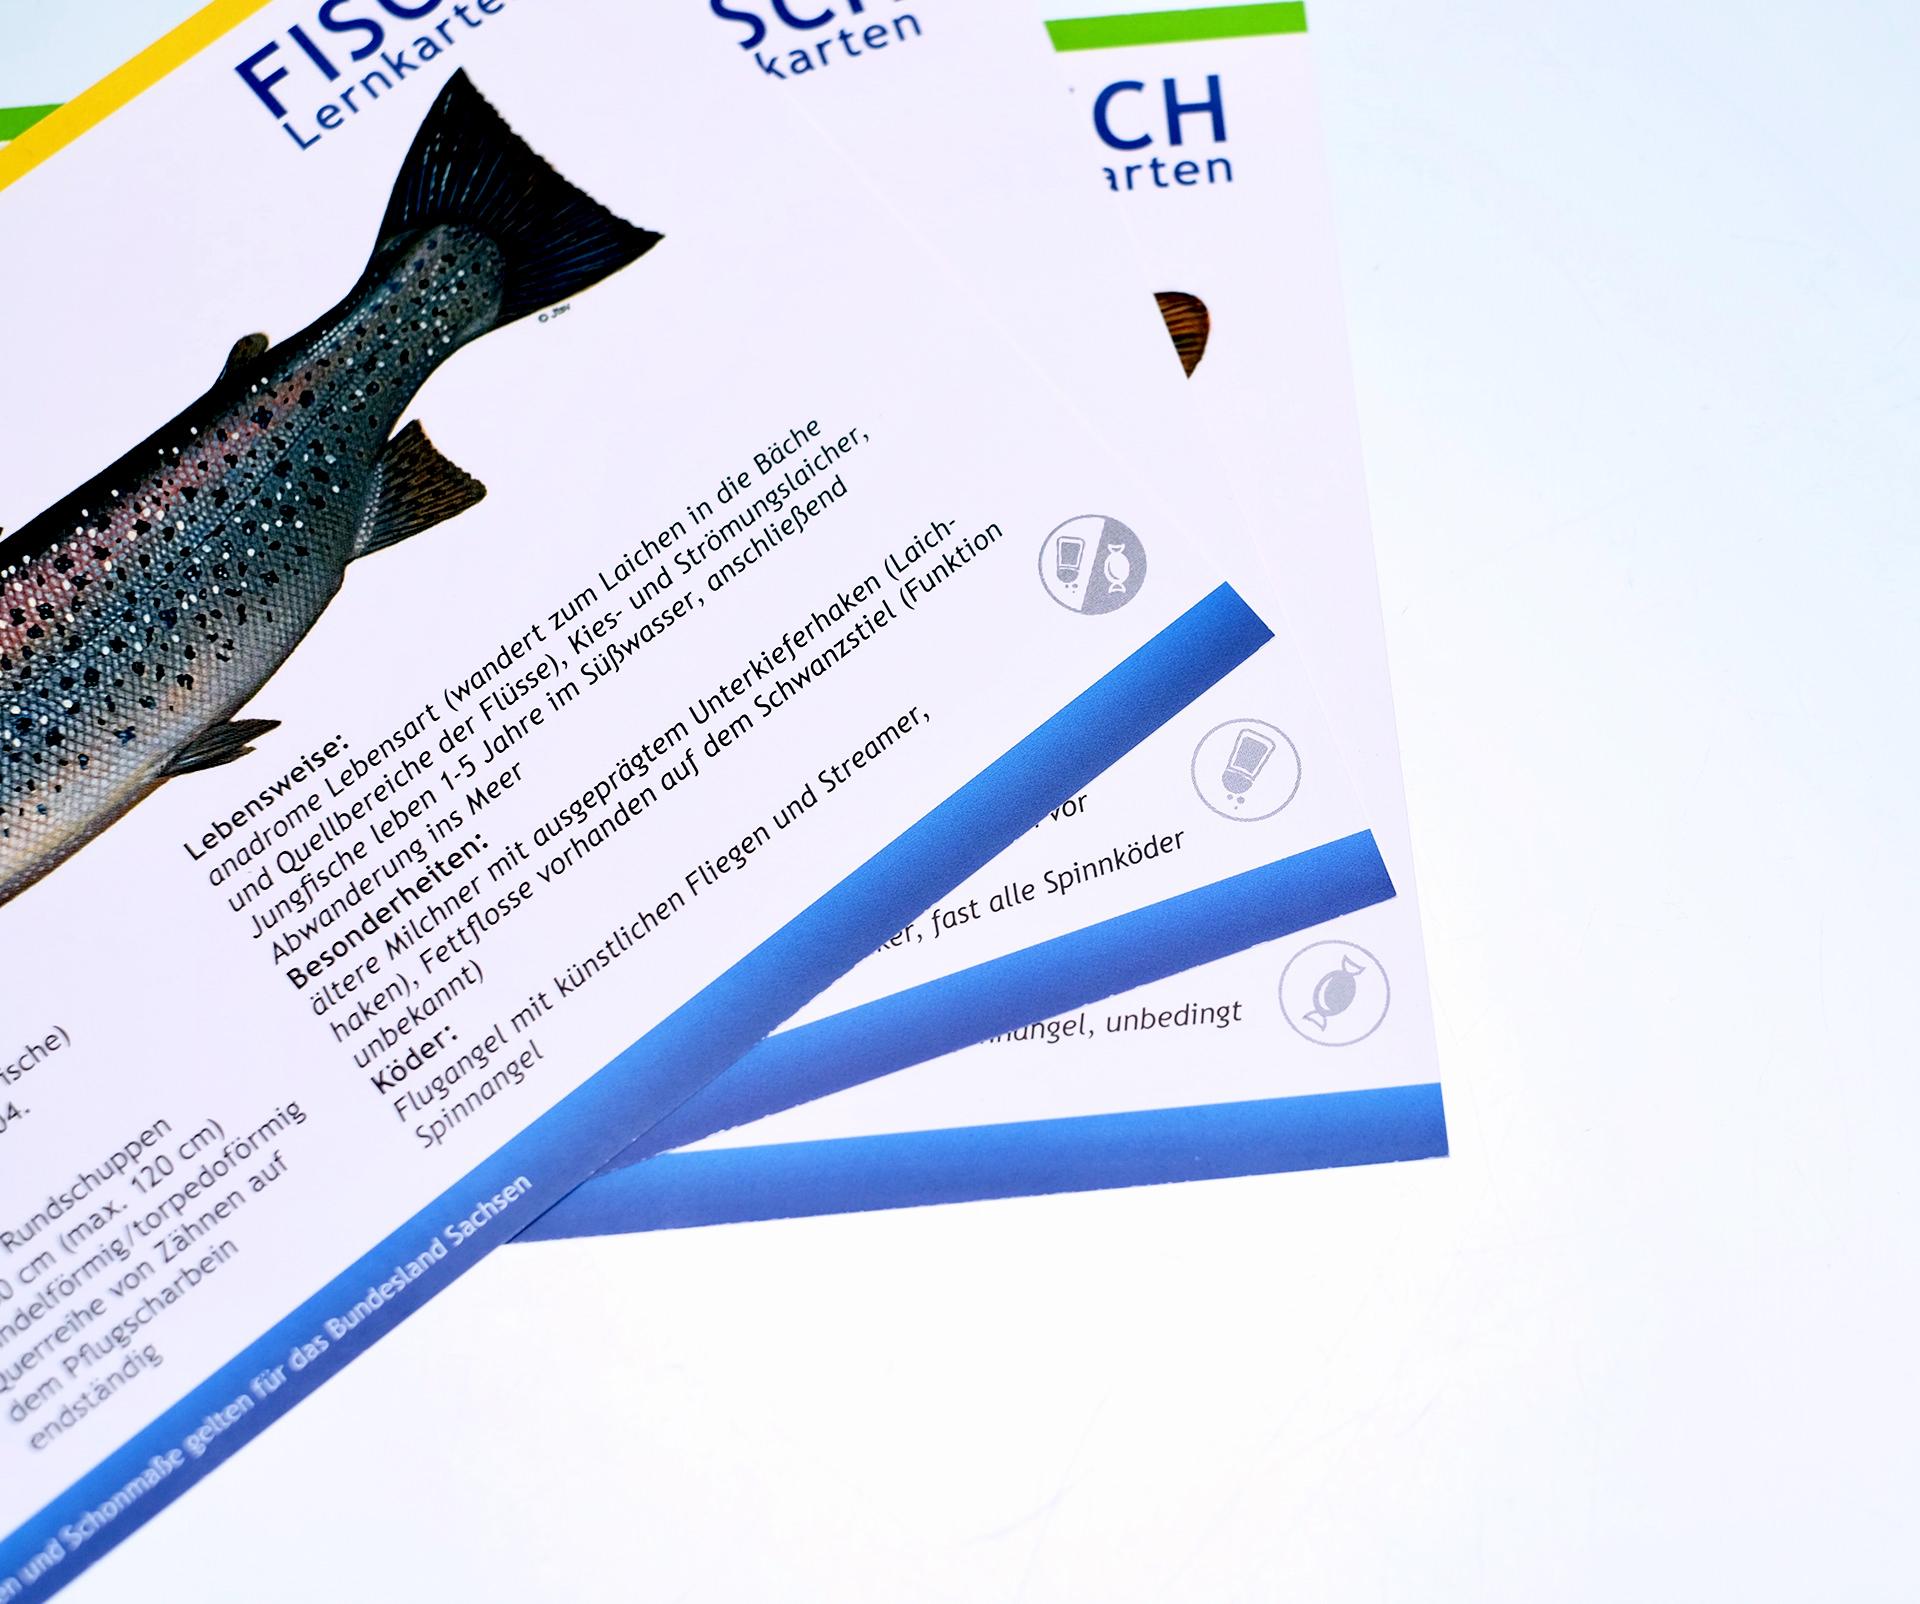 Fisch Lernkarten Angeln Fischereischein Gutschein Dresden Kurse